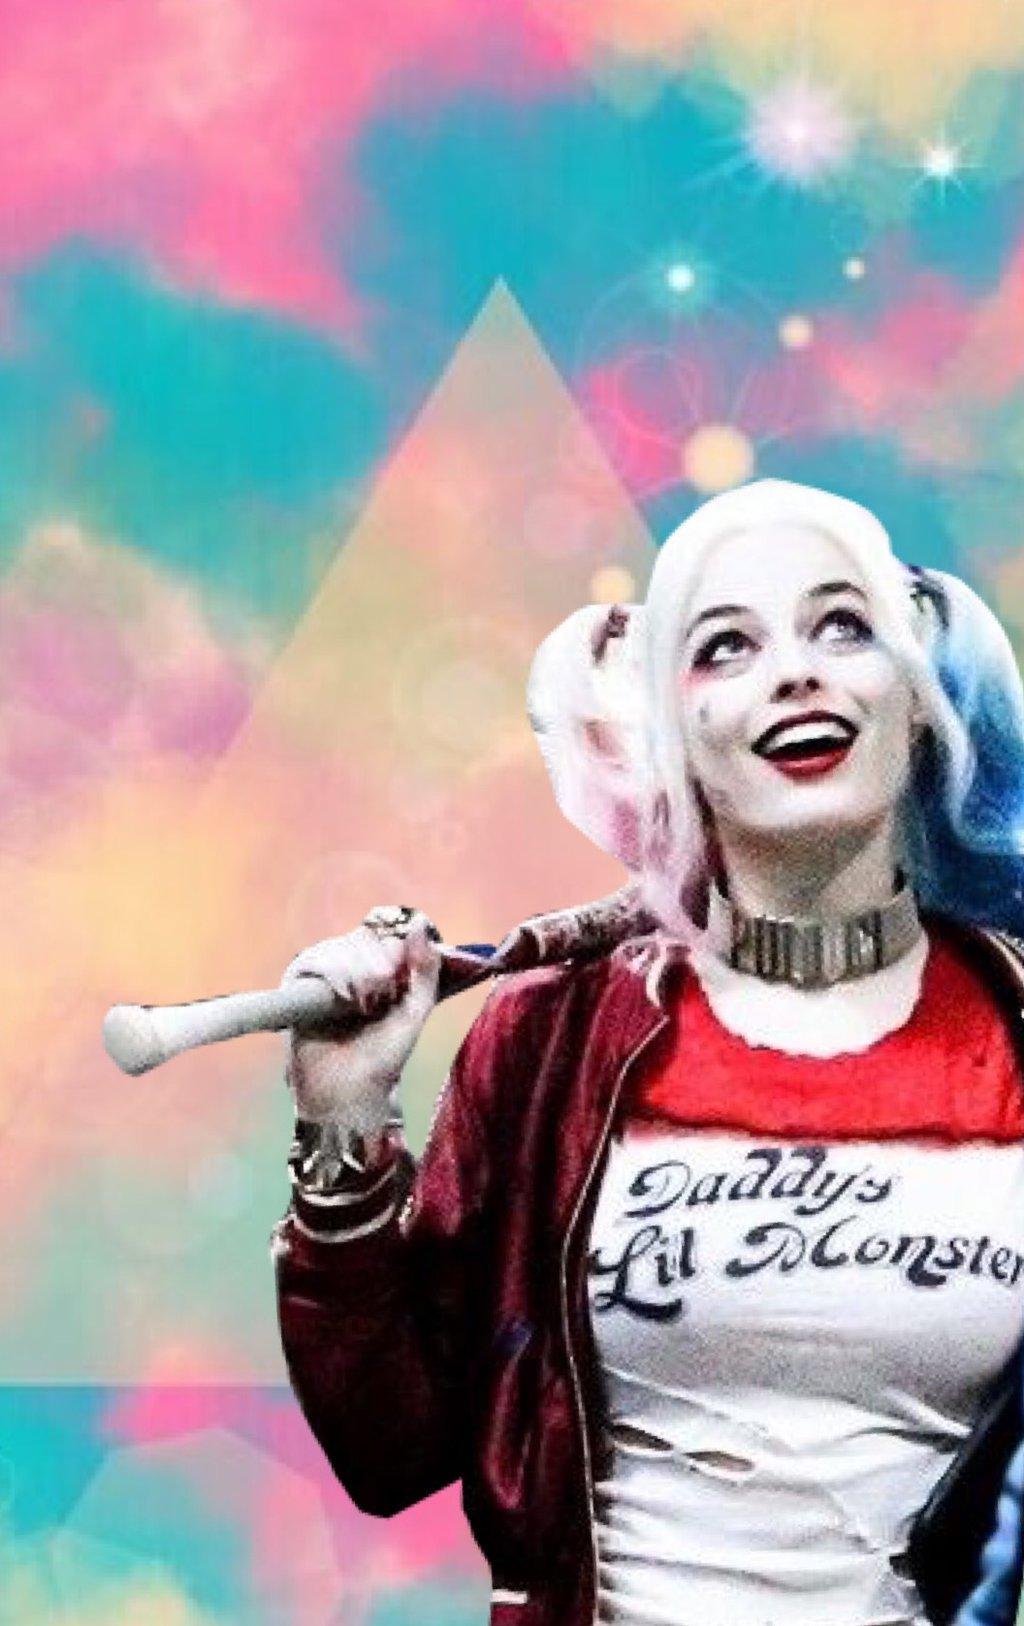 Harley Quinn Wallpaper iPhone - WallpaperSafari